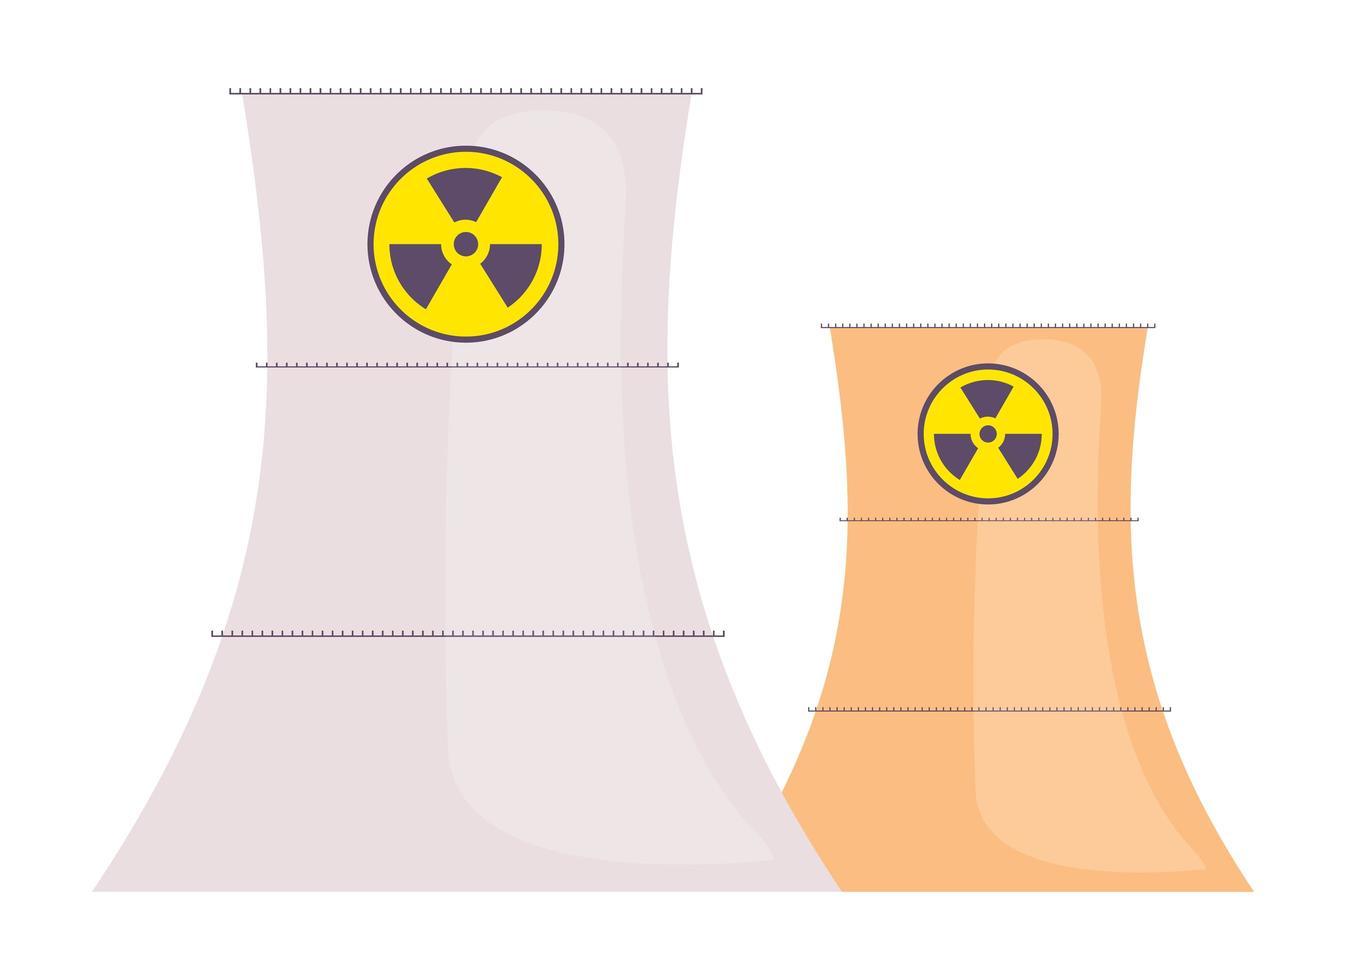 kernreactoren ingesteld vector